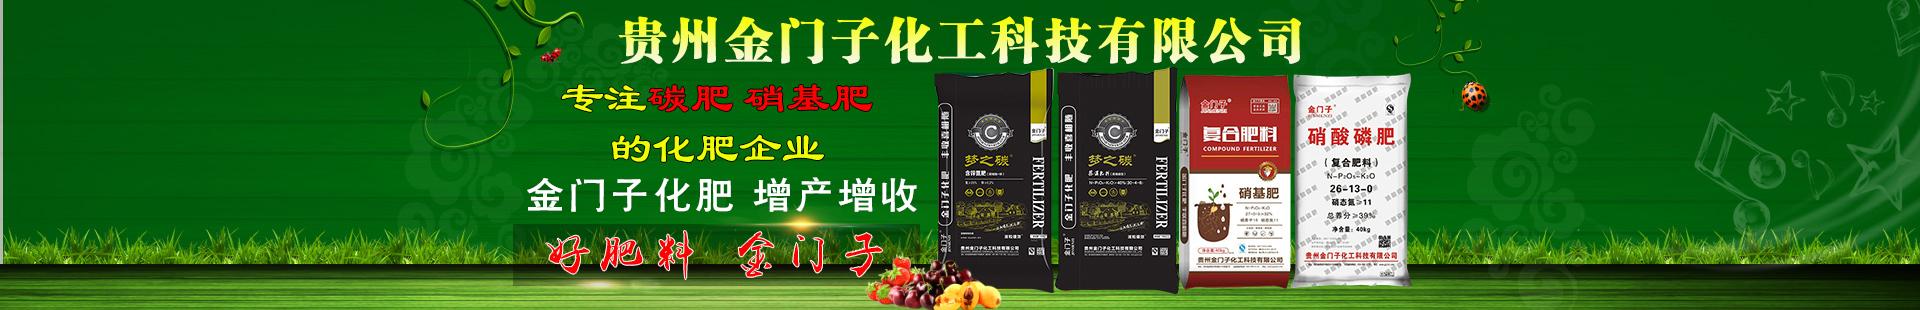 贵州金门子化工科技有限公司